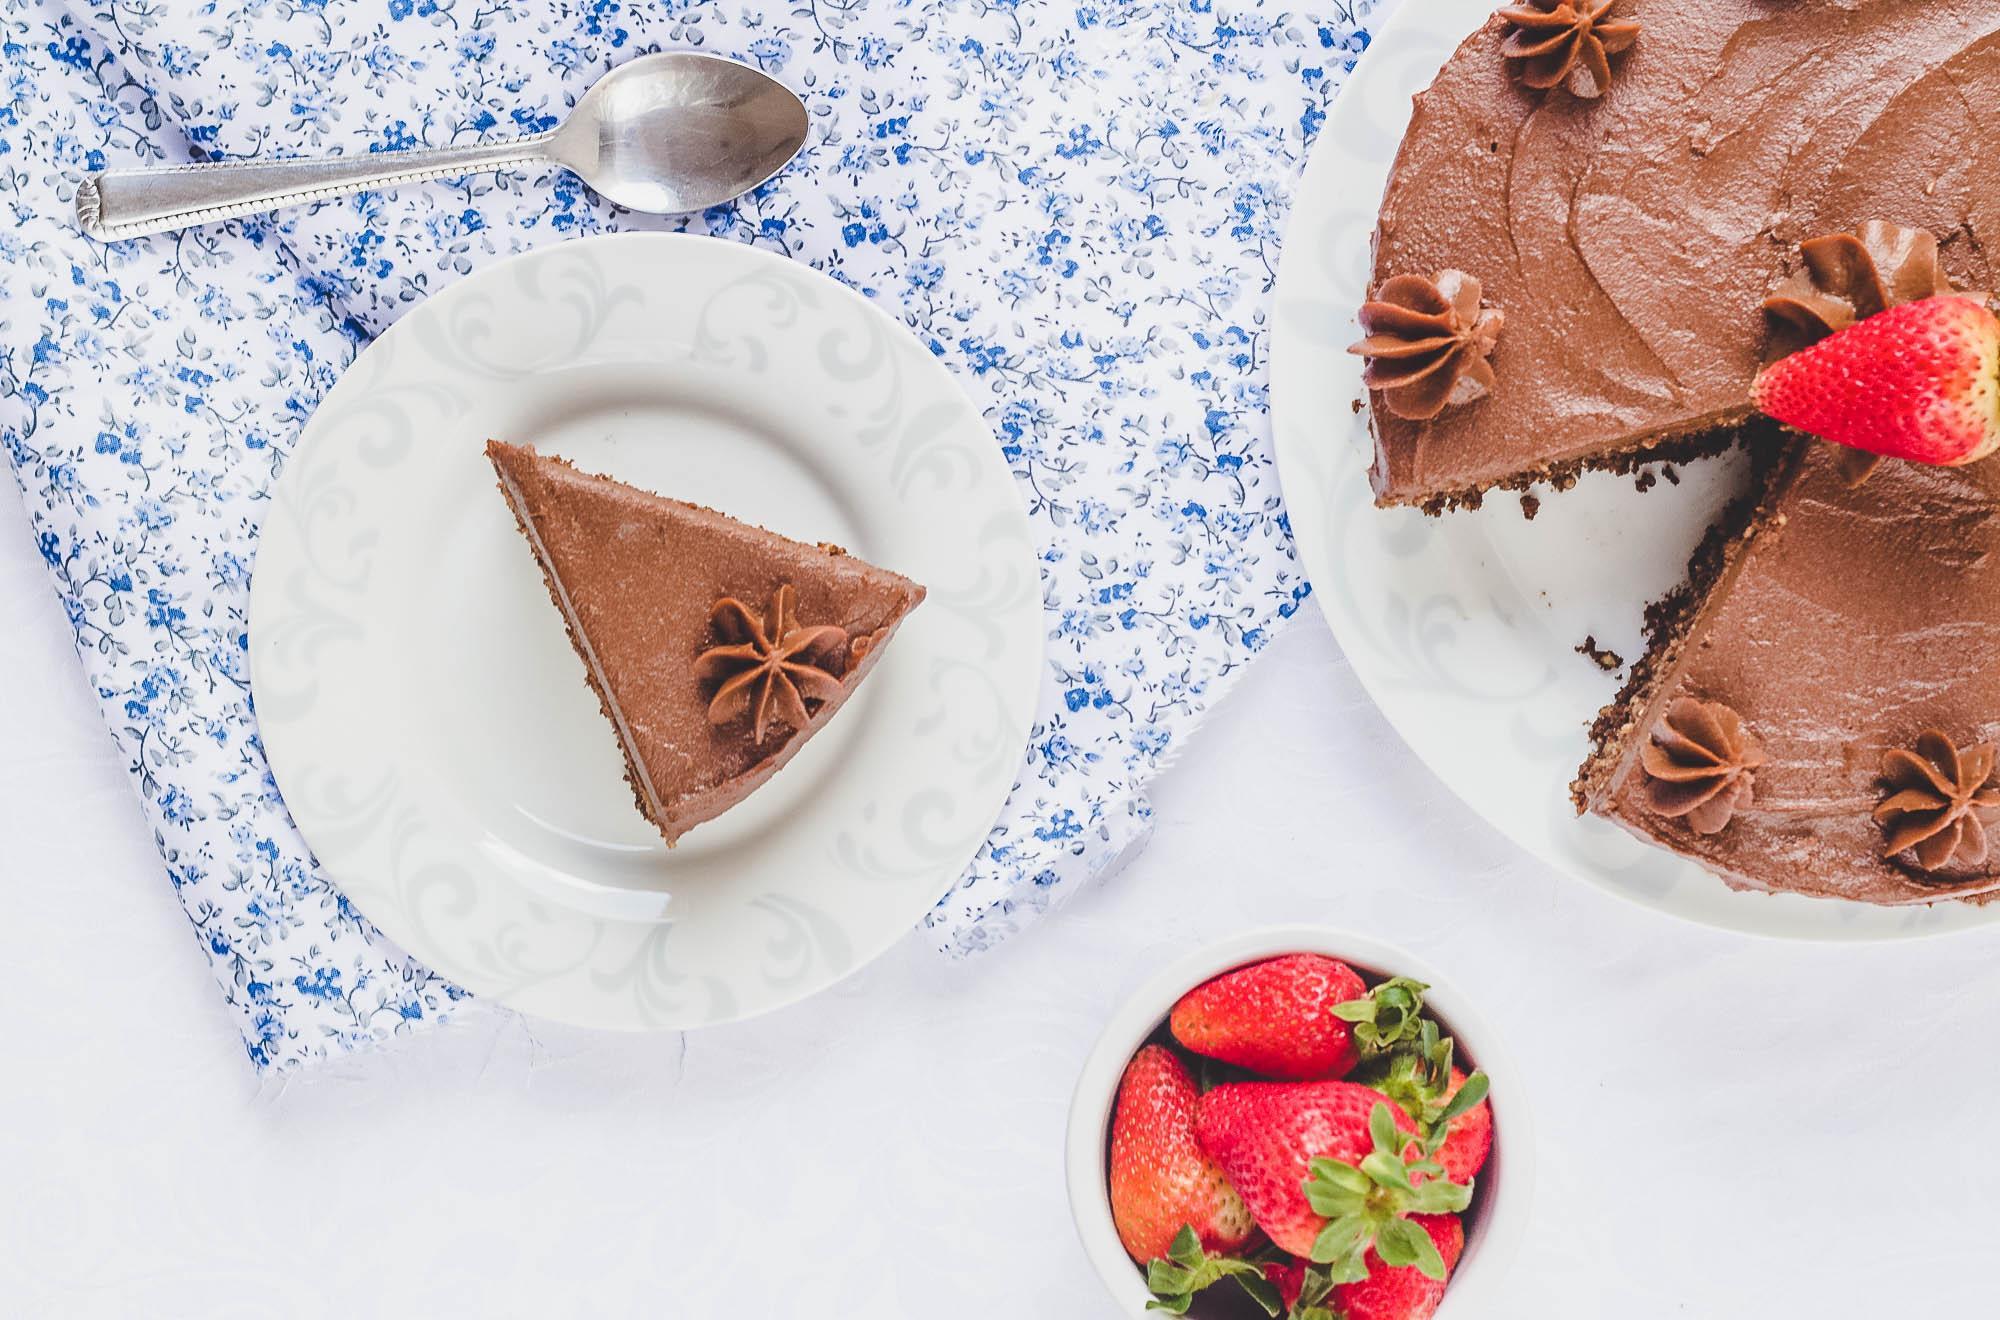 torta de chocolate saludable y facil